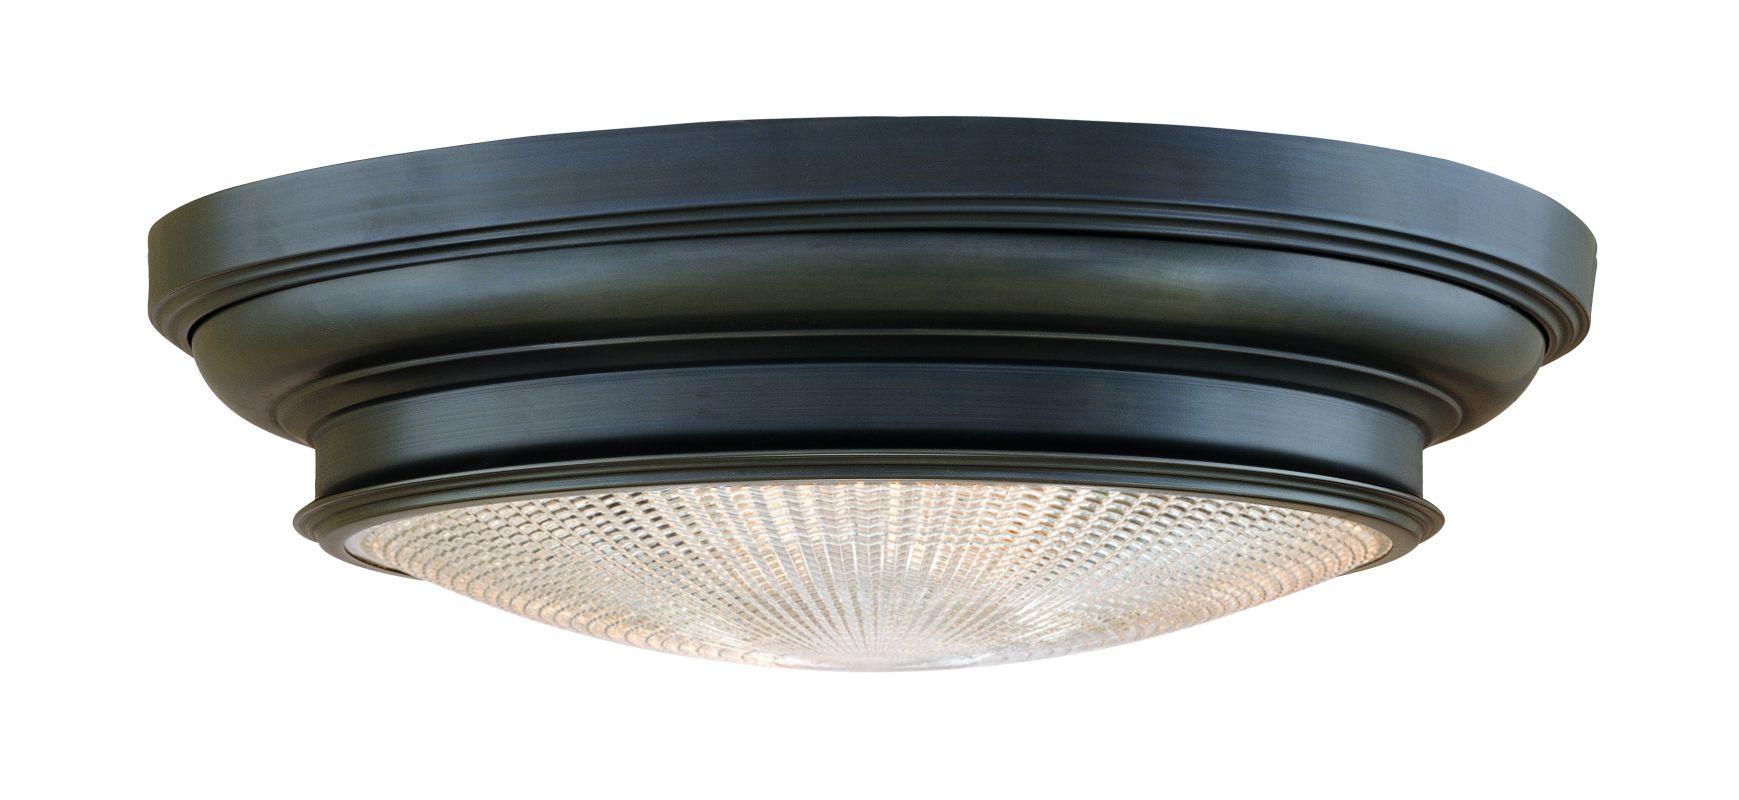 Hudson Valley Lighting 7520 Woodstock 3 Light Flush Mount Ceiling Sale $344.00 ITEM#: 982820 MODEL# :7520-OB UPC#: 806134055769 :